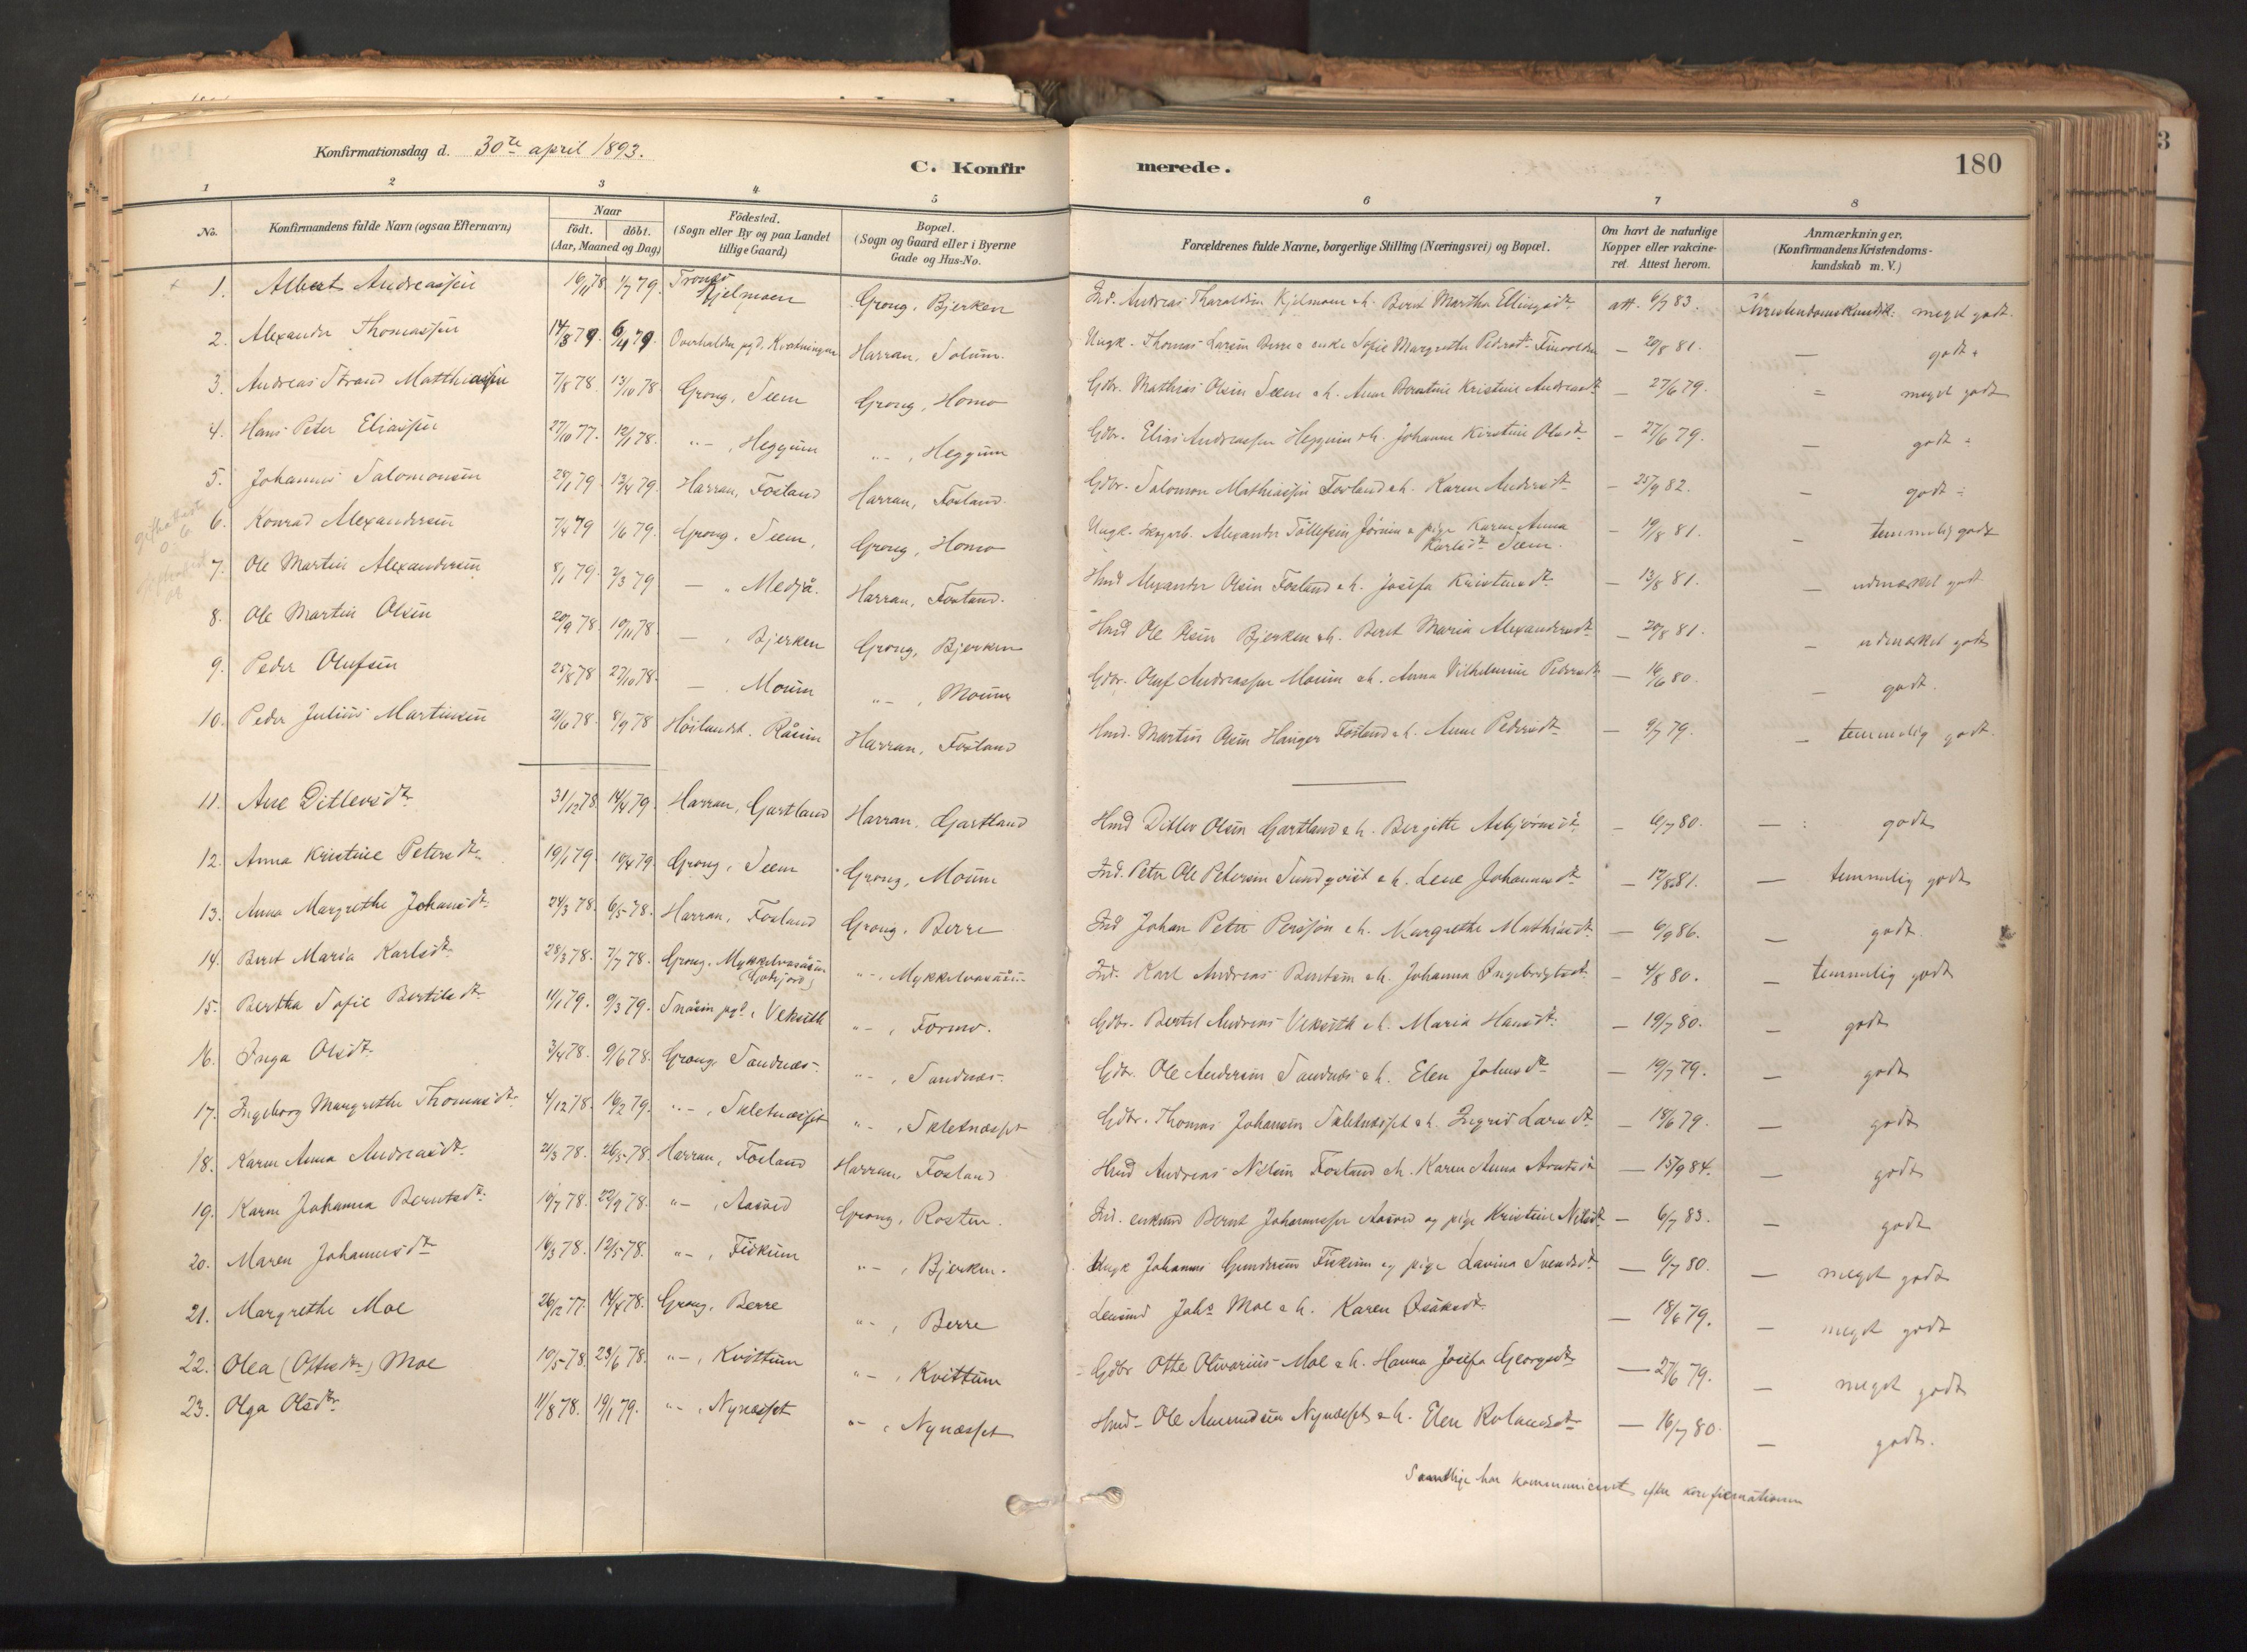 SAT, Ministerialprotokoller, klokkerbøker og fødselsregistre - Nord-Trøndelag, 758/L0519: Ministerialbok nr. 758A04, 1880-1926, s. 180